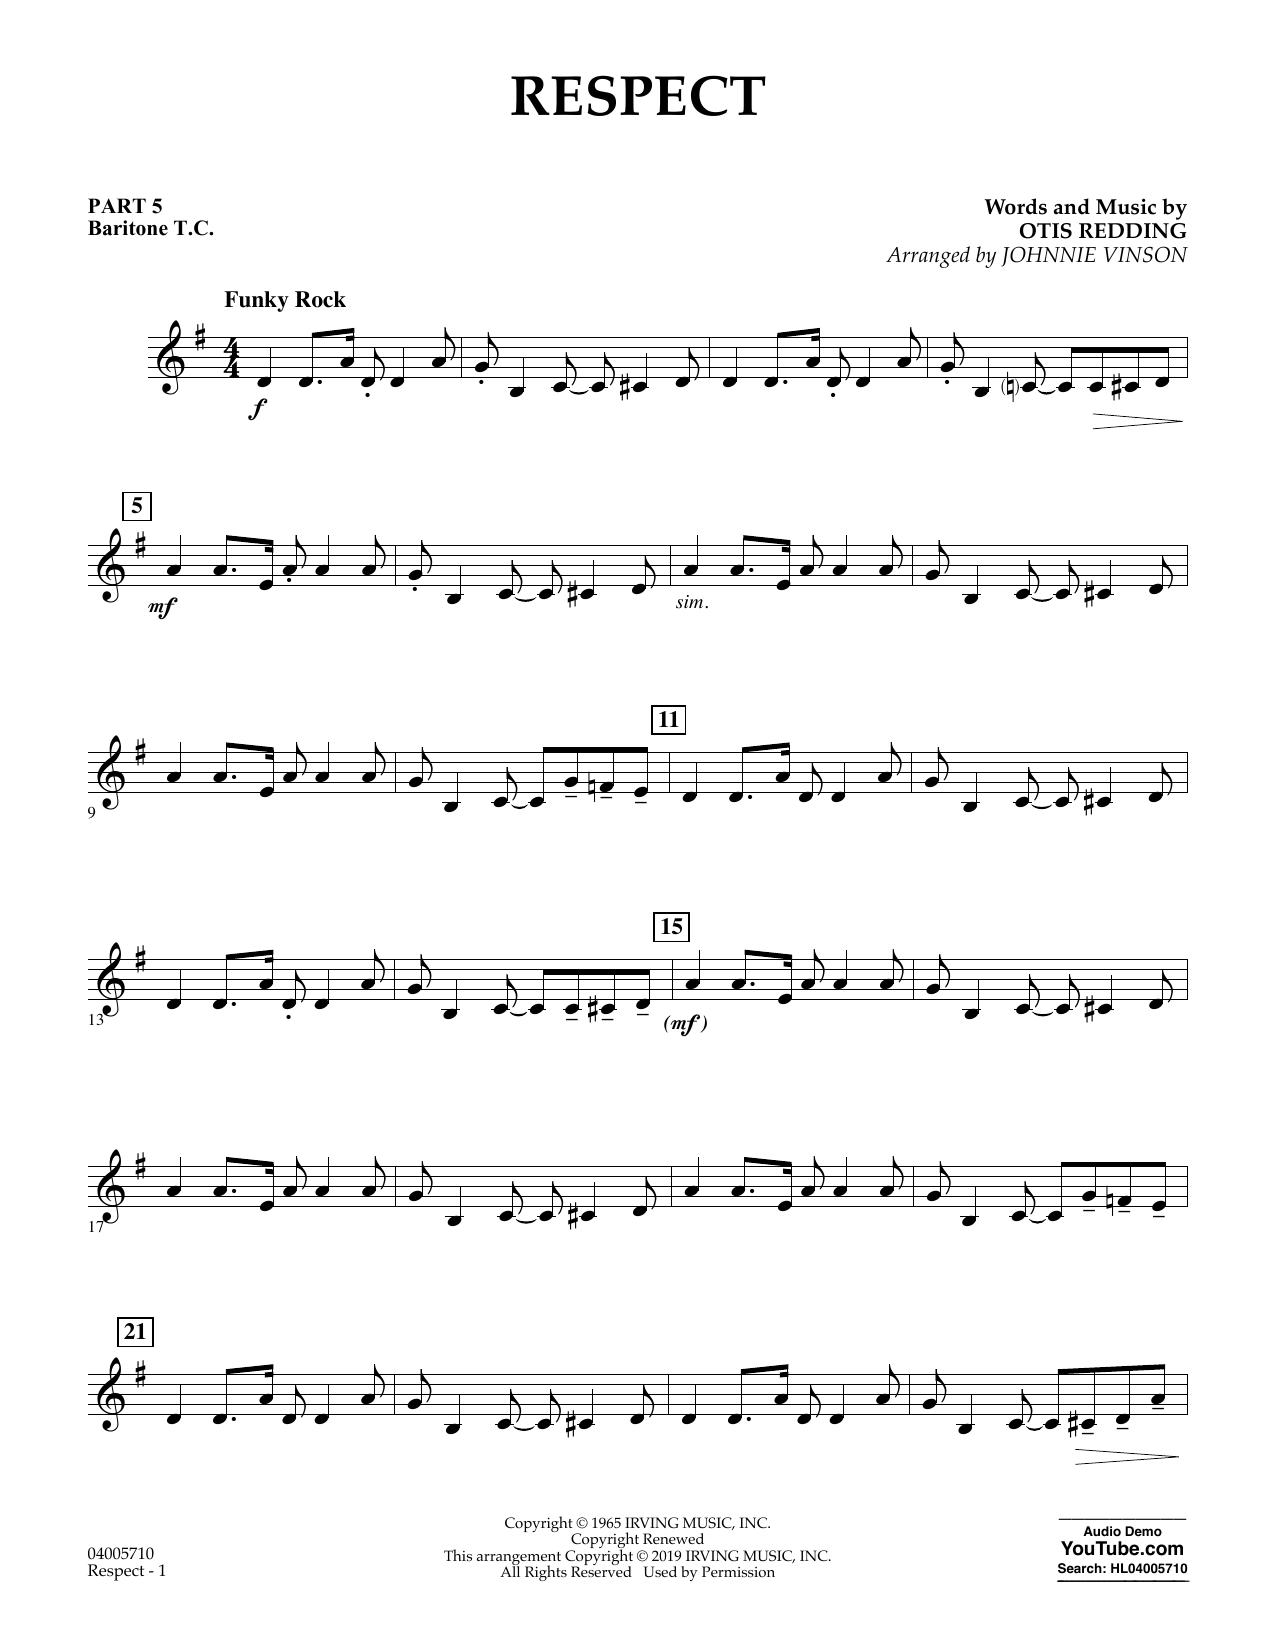 Respect (arr. Johnnie Vinson) - Pt.5 - Baritone T.C. (Flex-Band)